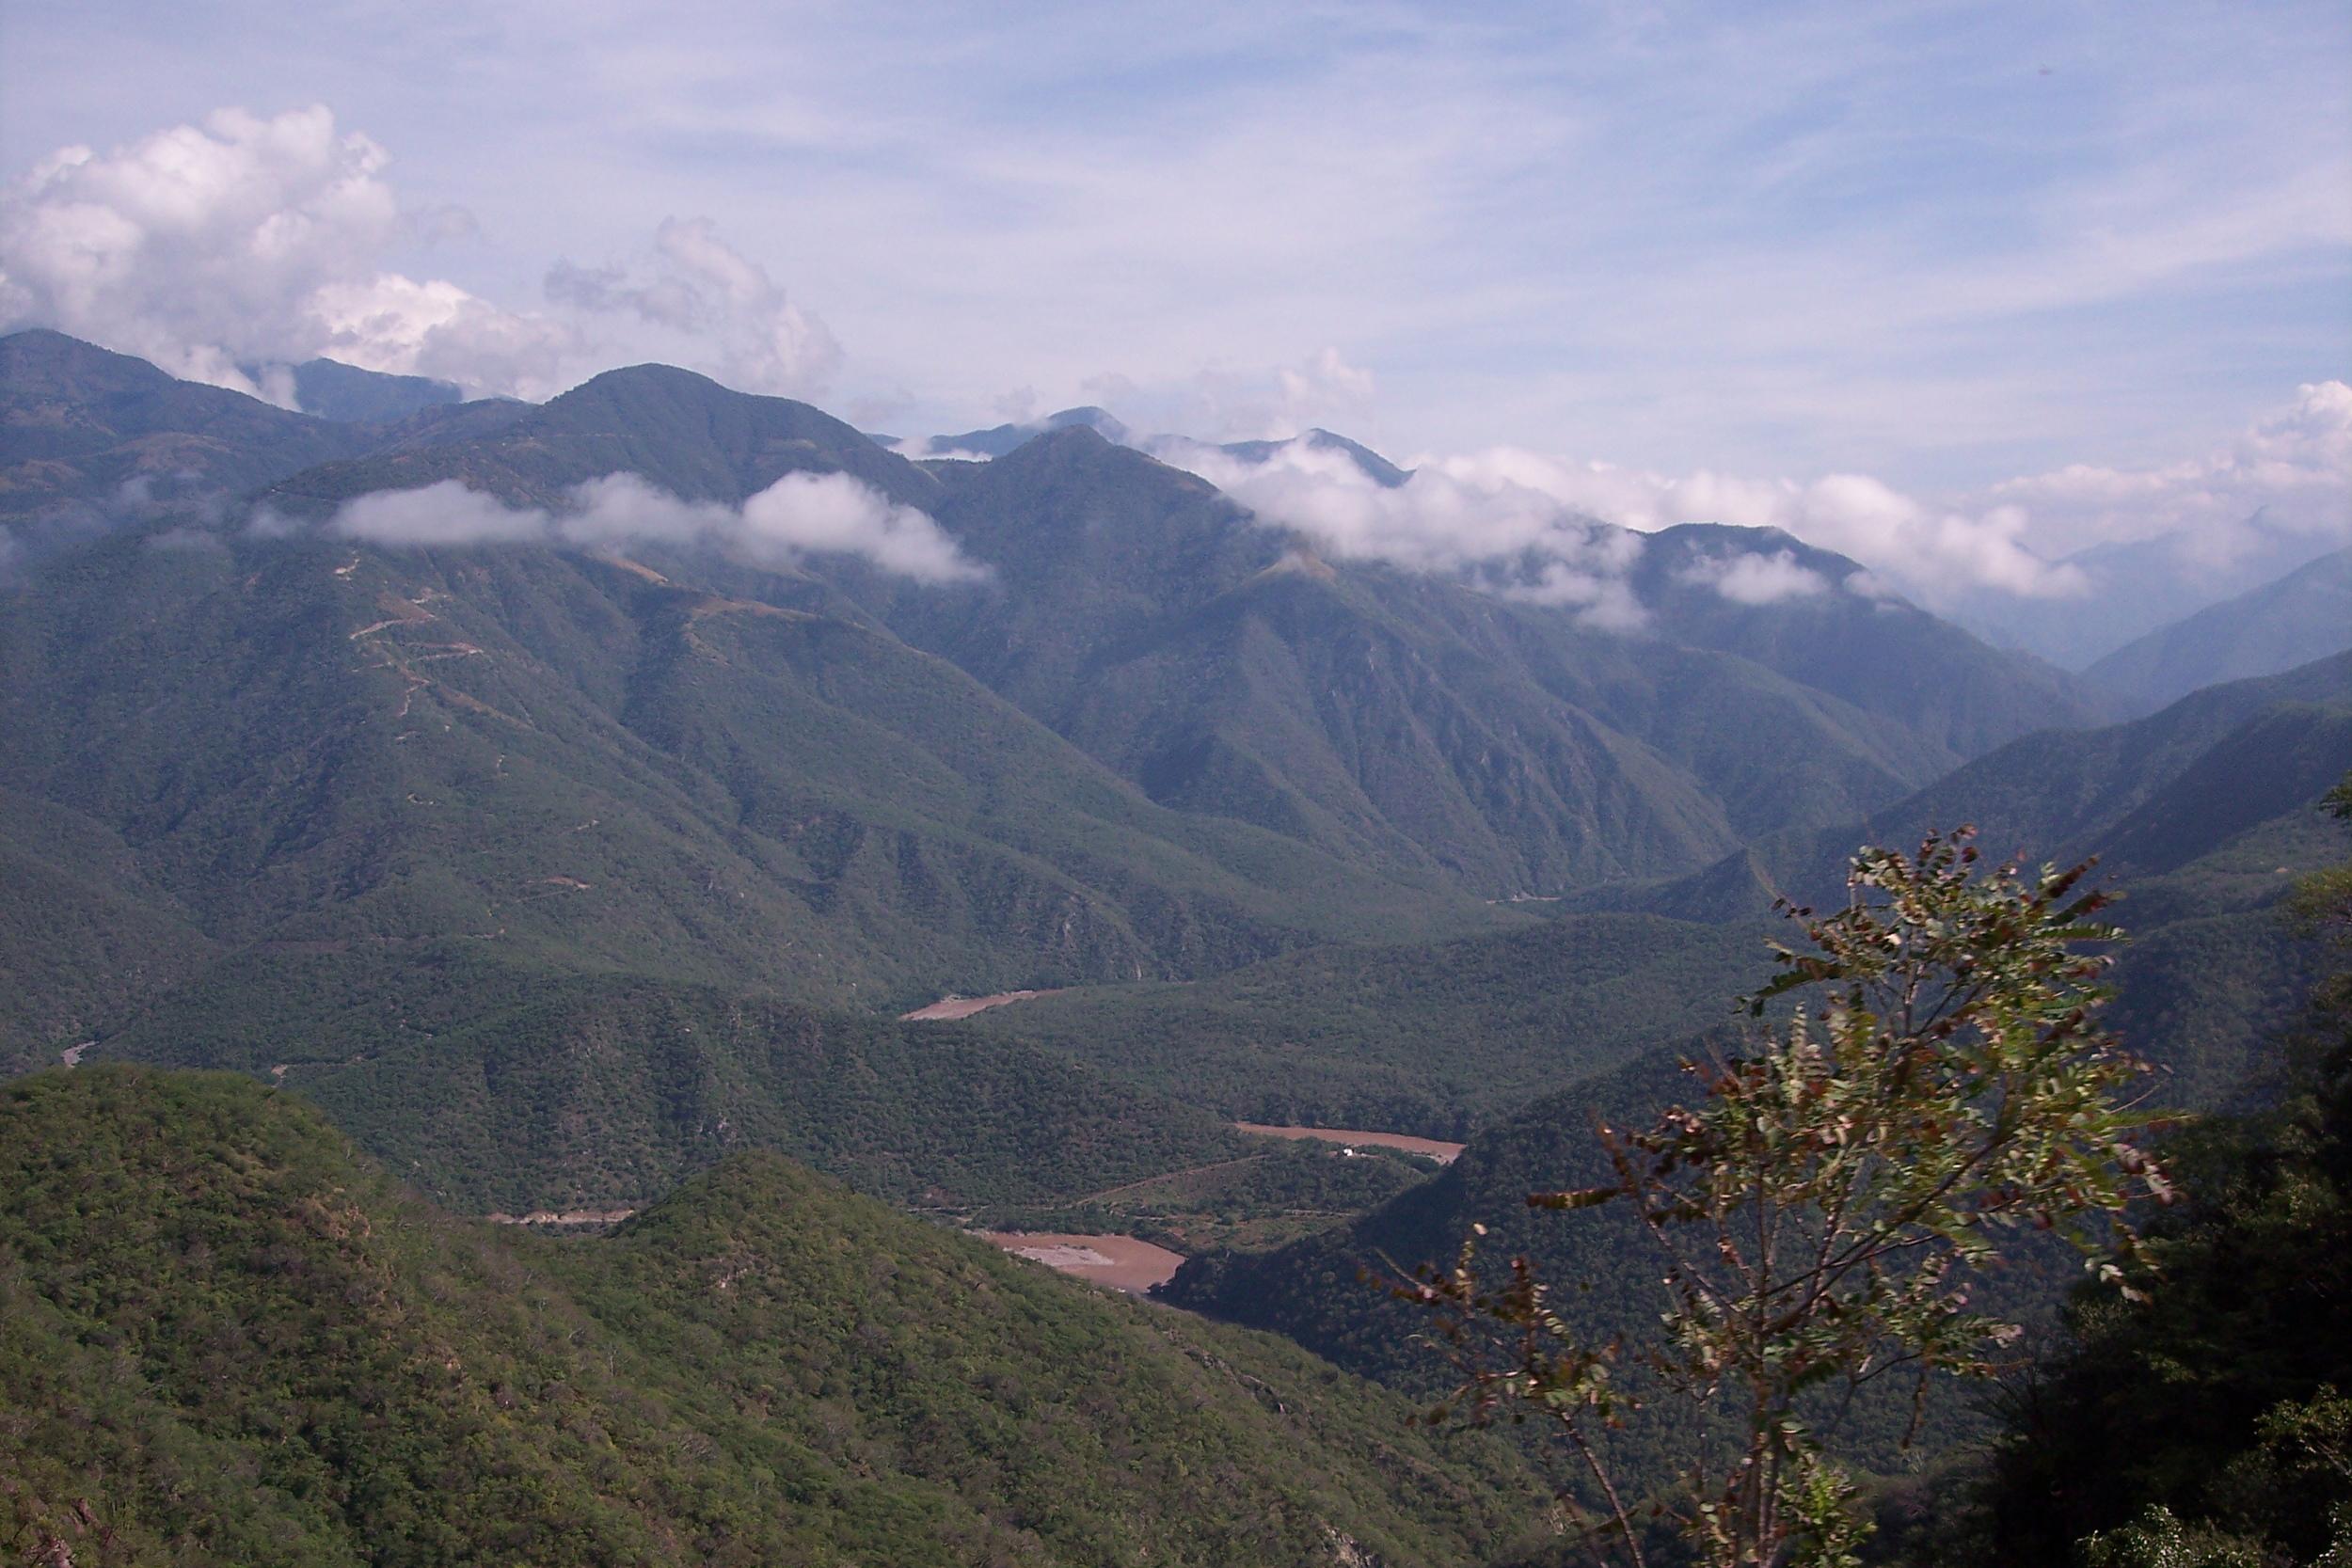 Sierra_Madre_Occidental.jpg